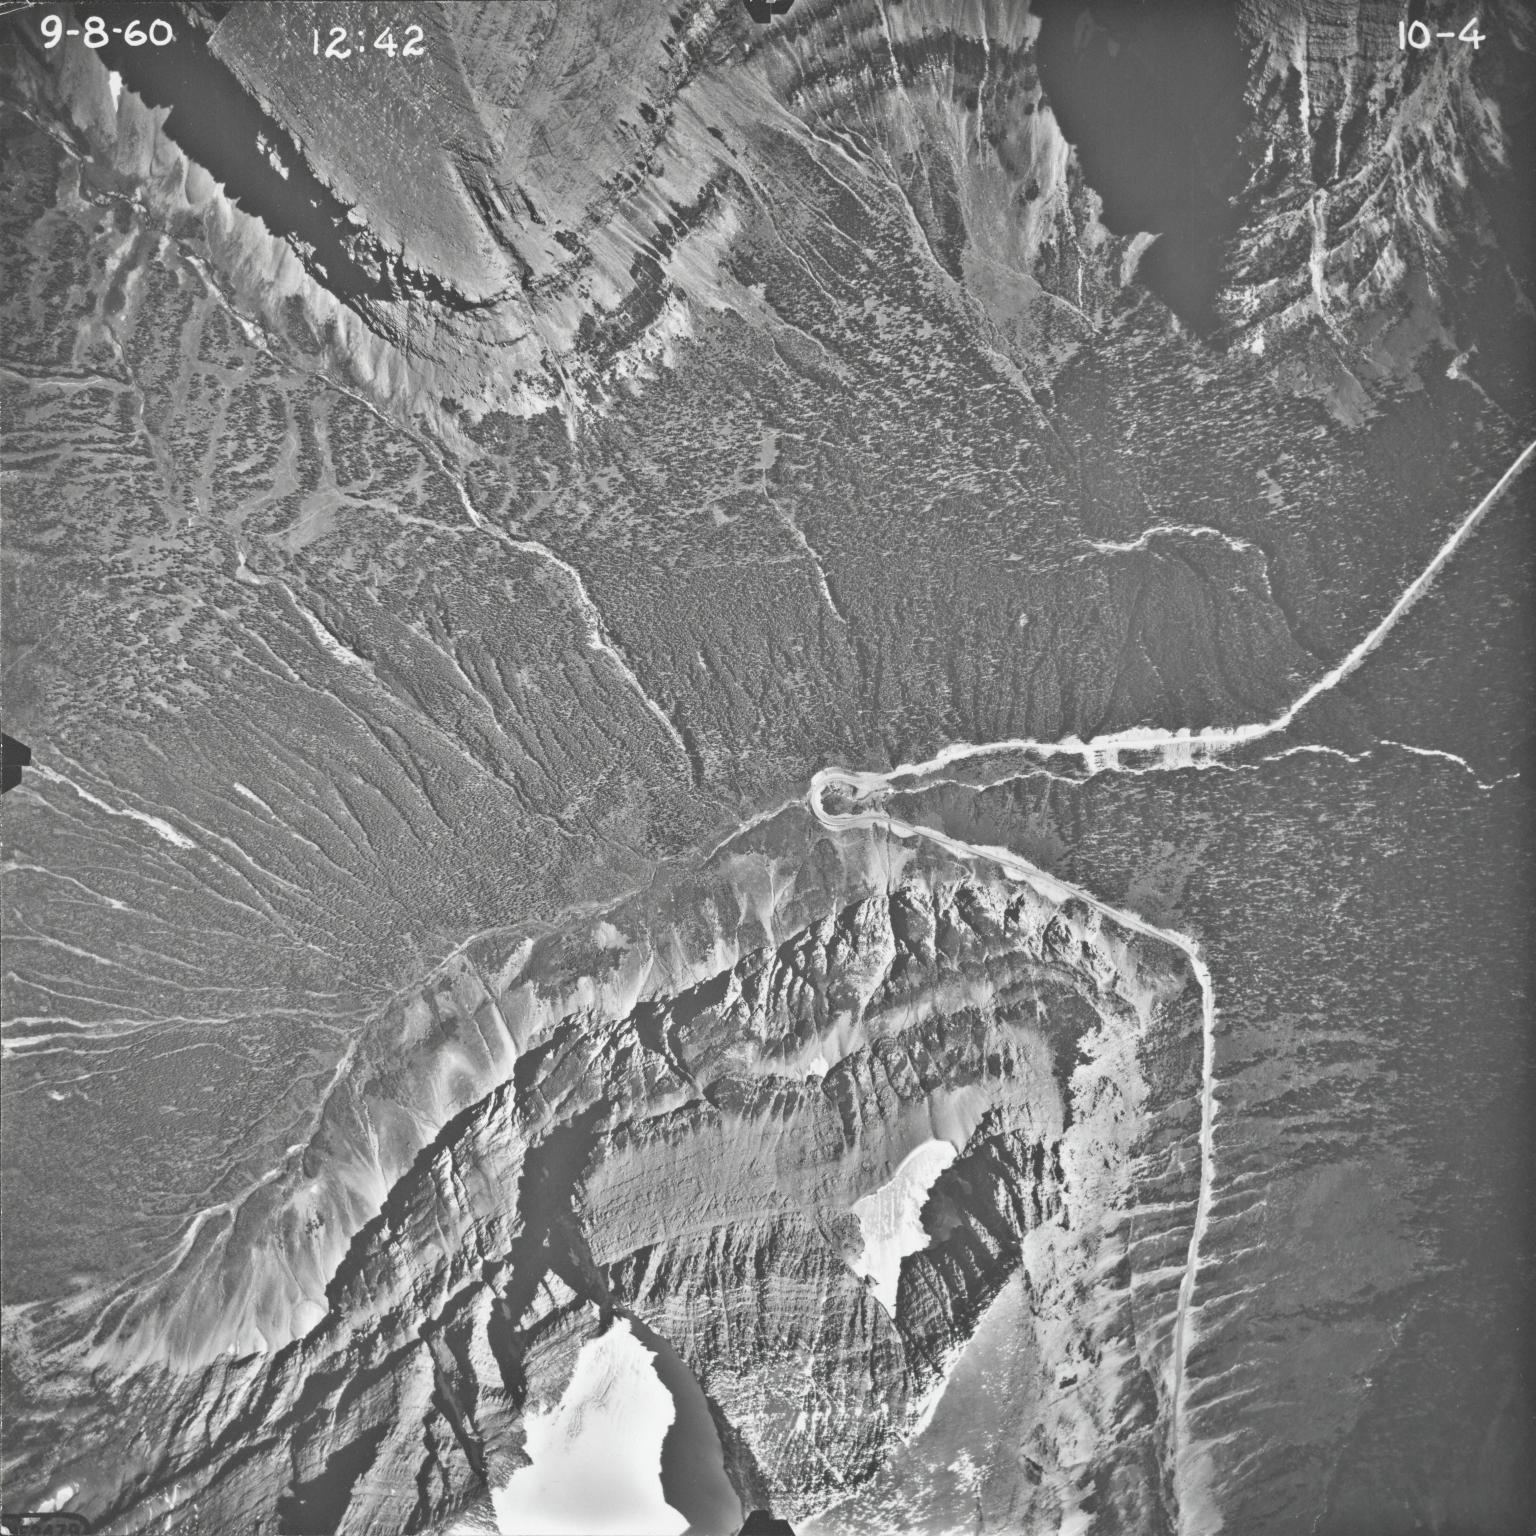 Piegan Glacier, aerial photograph 10-4, Montana